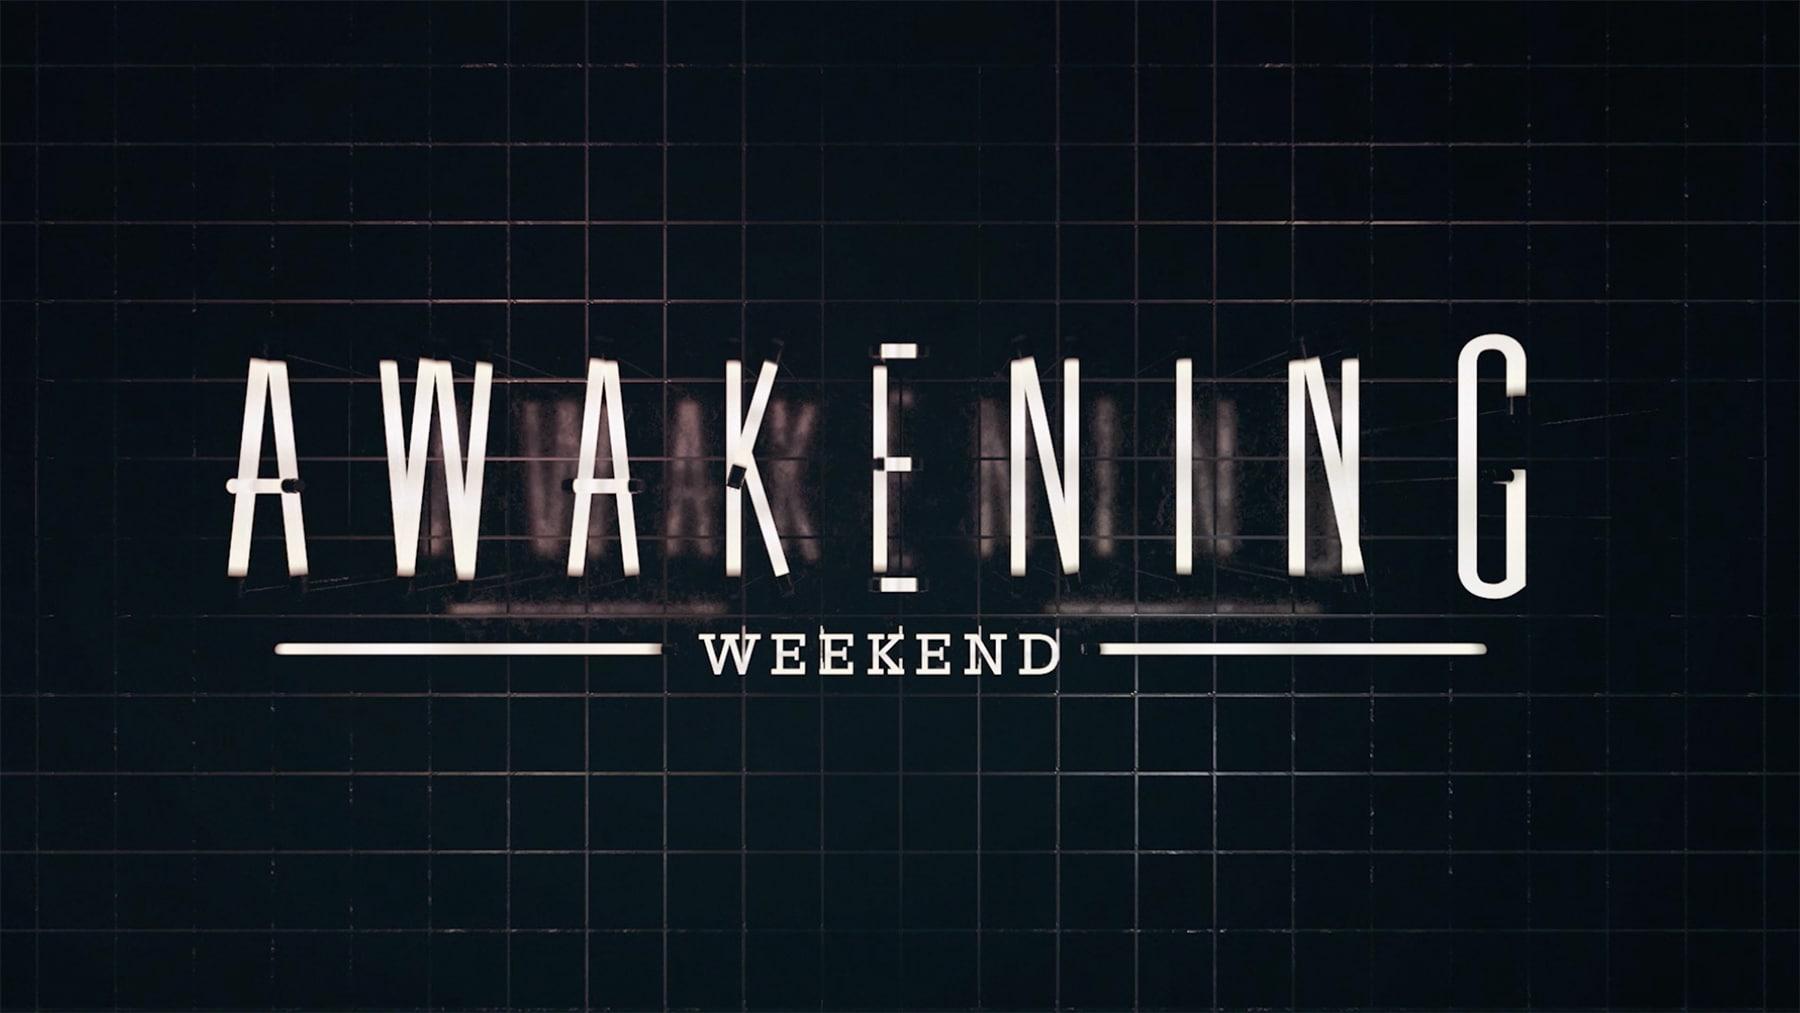 Awakening Weekend